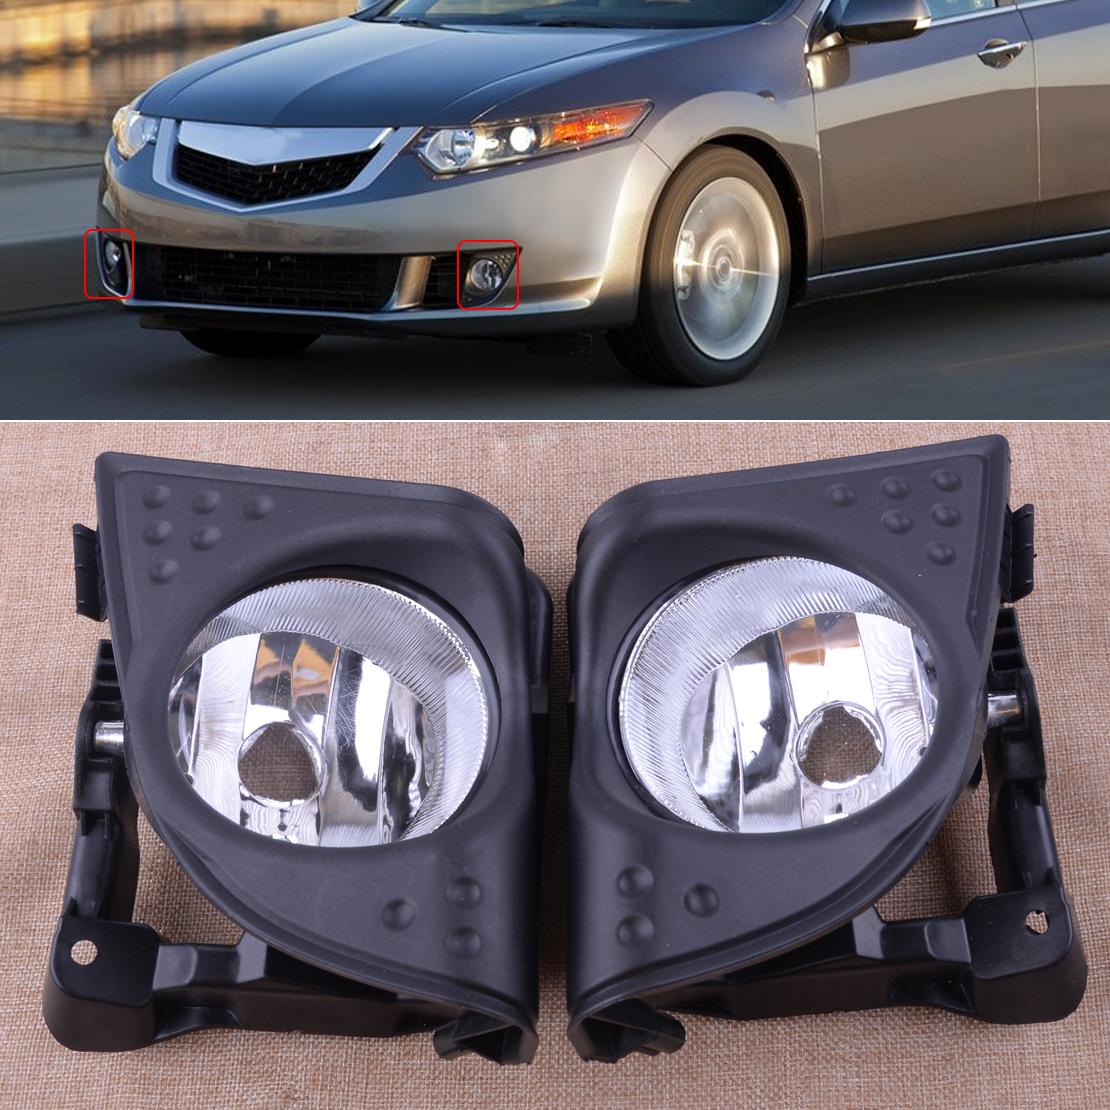 LH+RH/Set Foglight Fog Light Lamp Cover Fit For Acura TSX